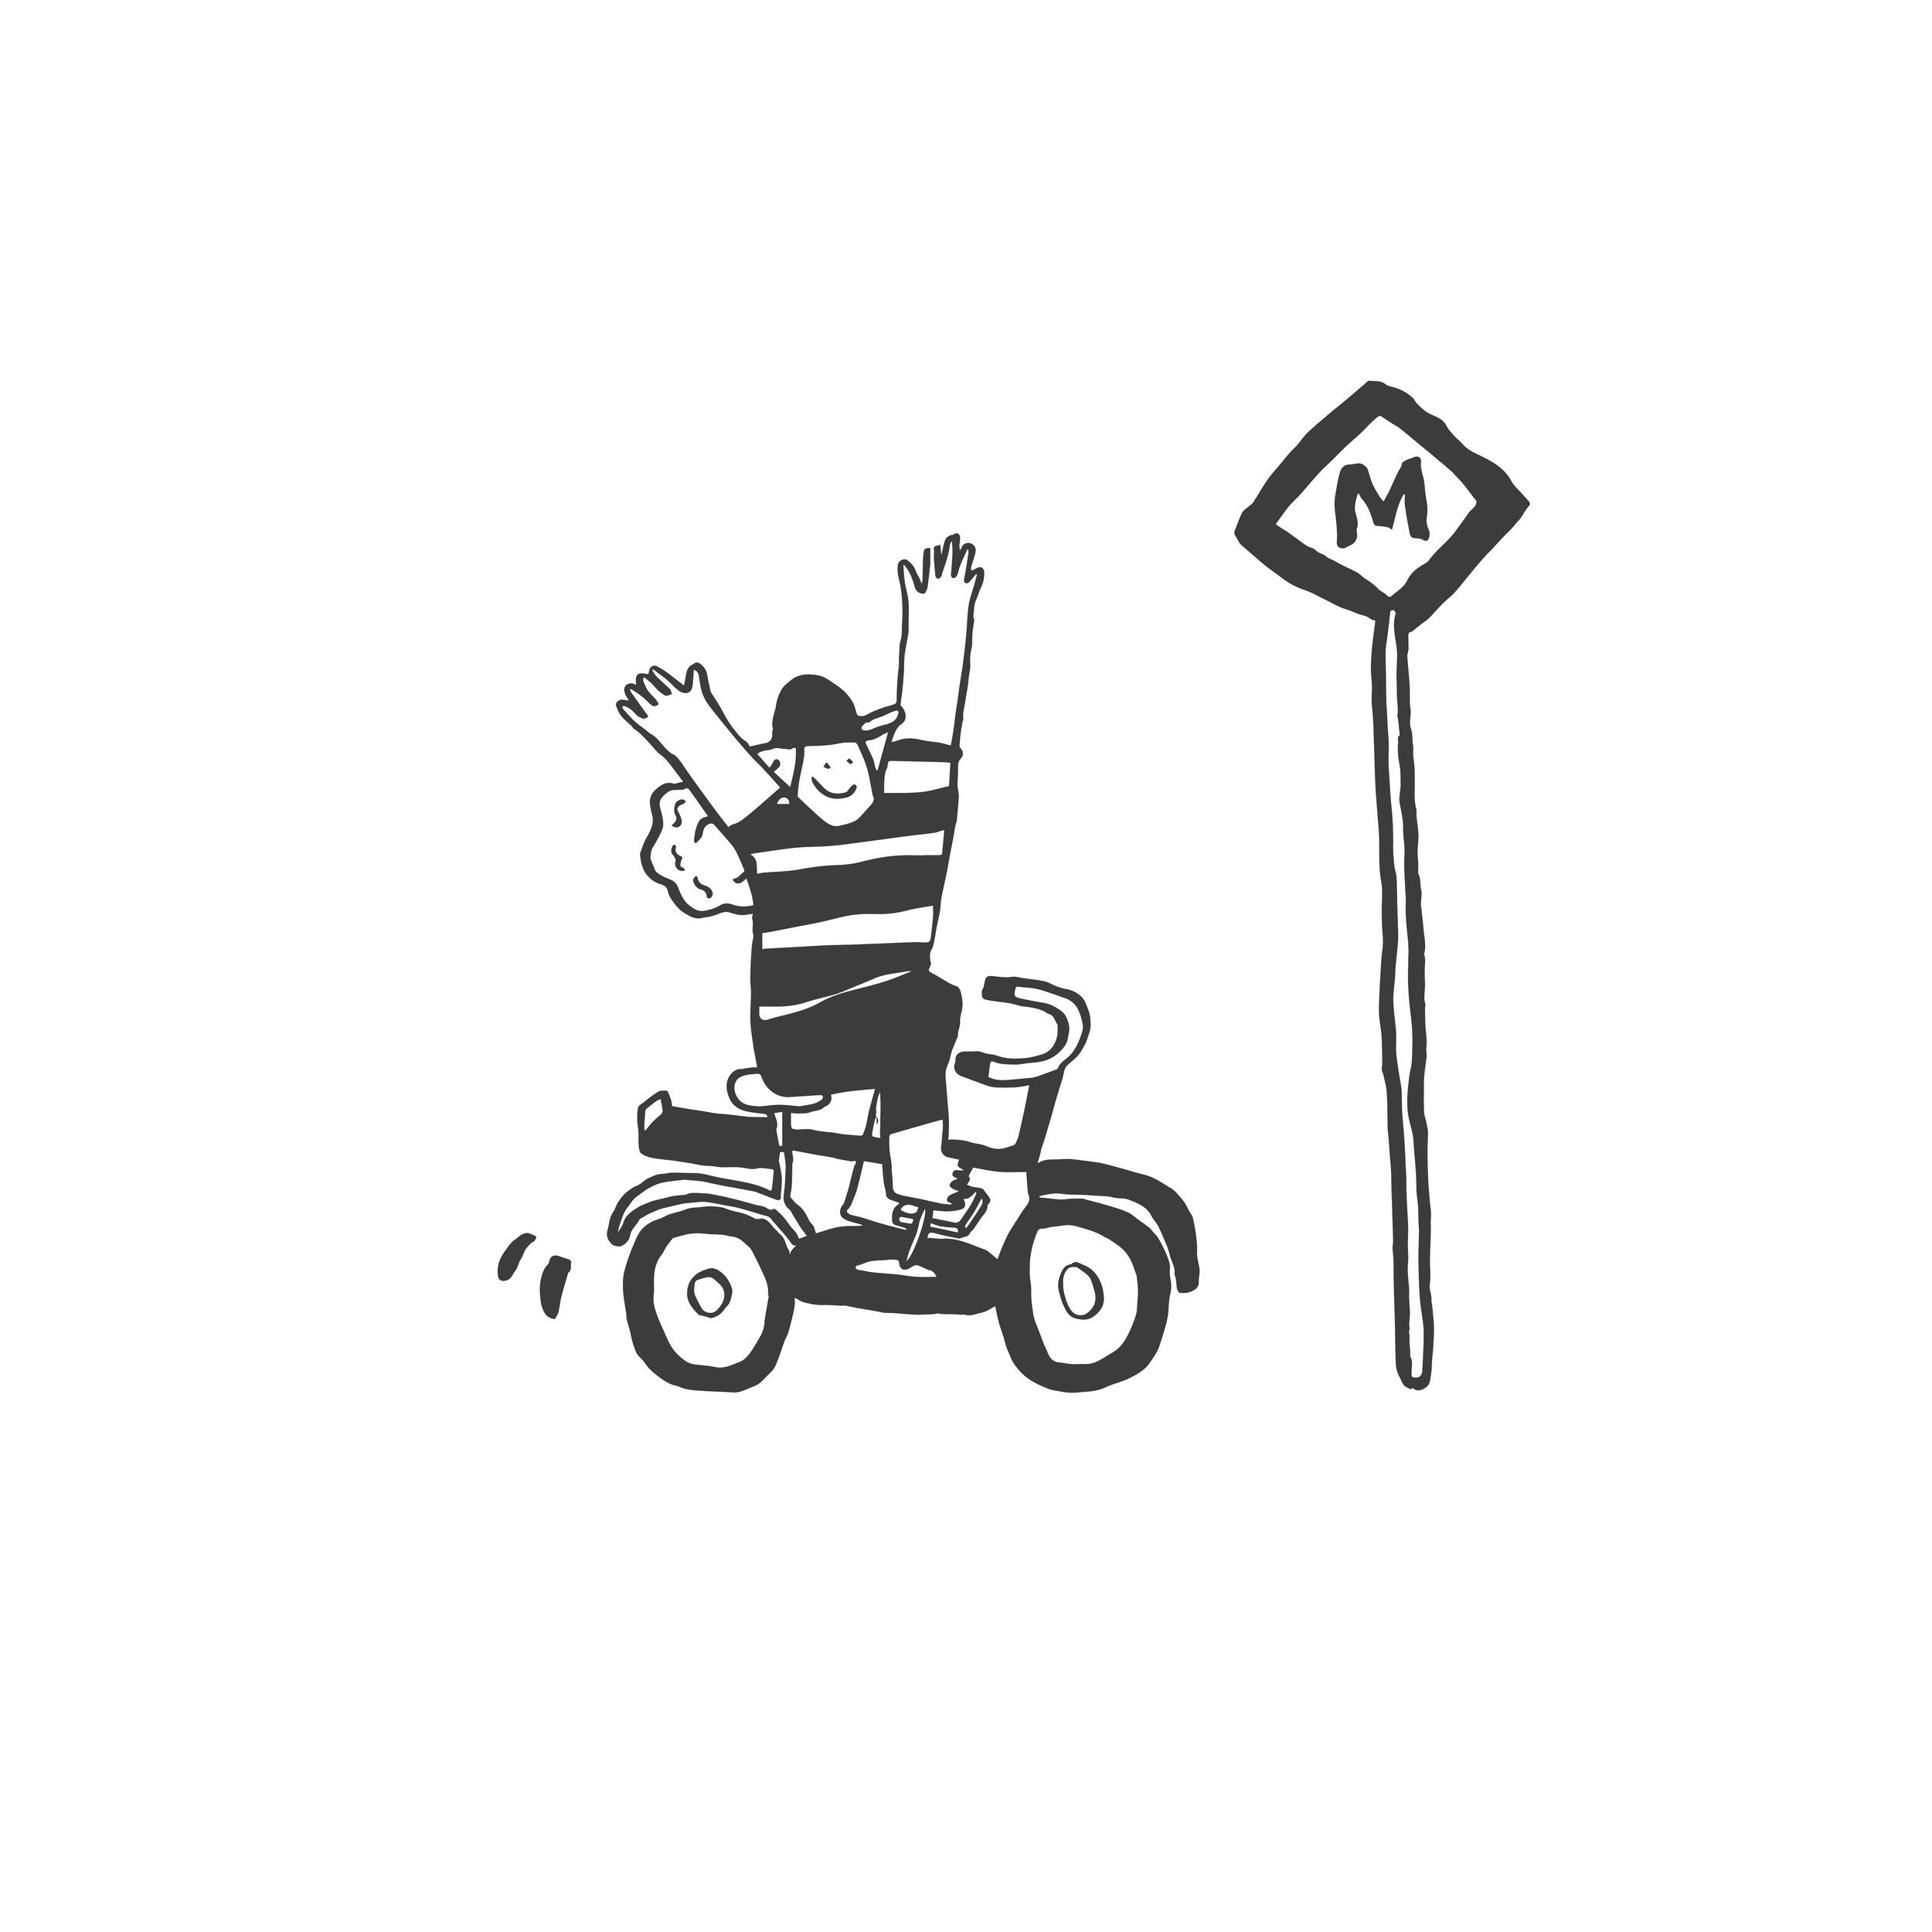 Ilustracions _ SENSE HORITZÓ-01-02.jpg